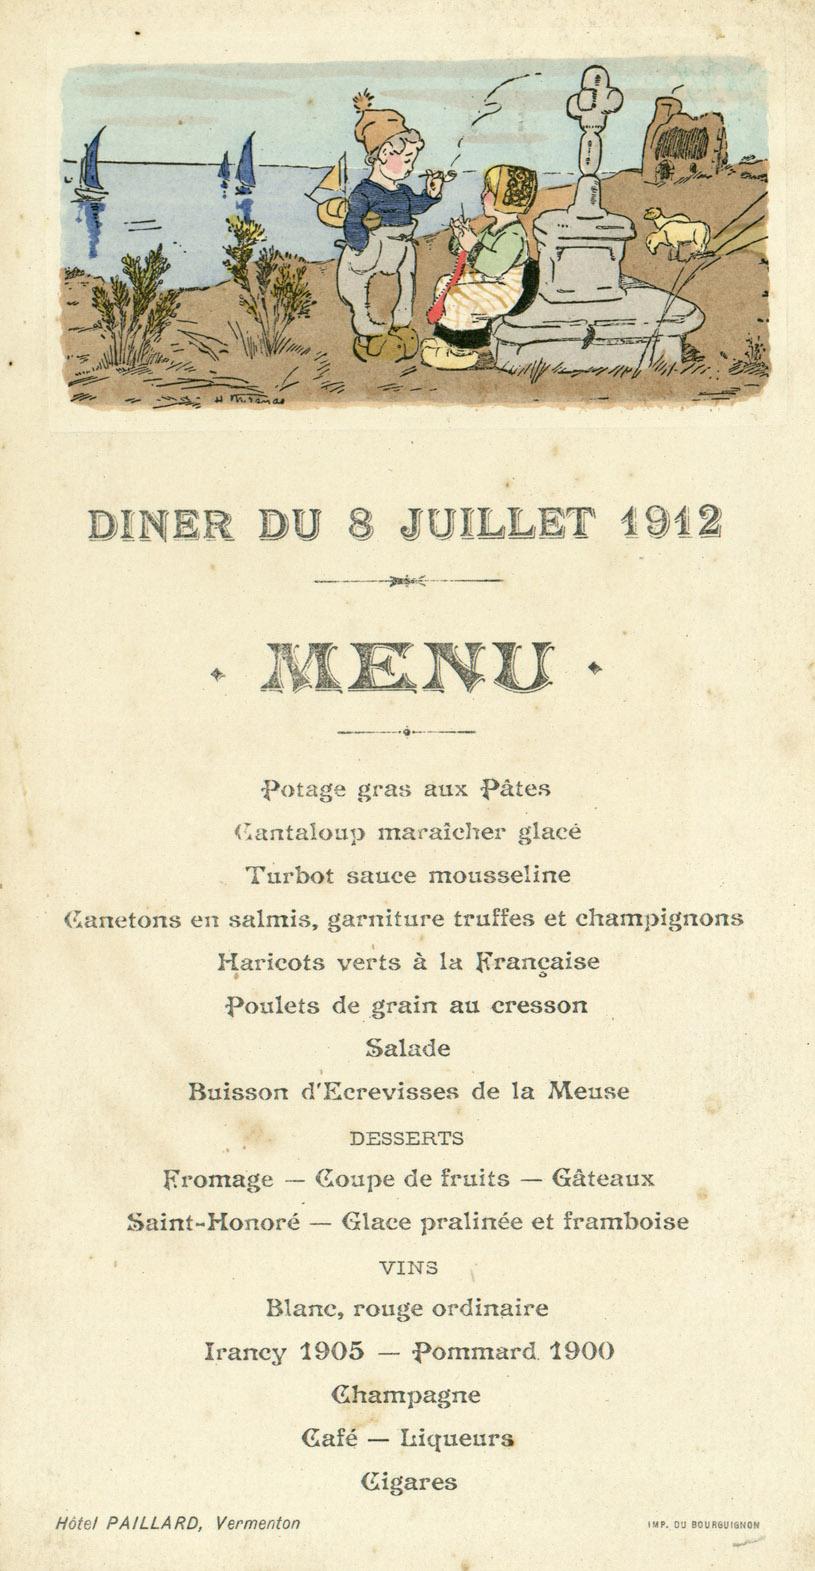 fr212316101_menus_m_0ii_02350_001.jpg